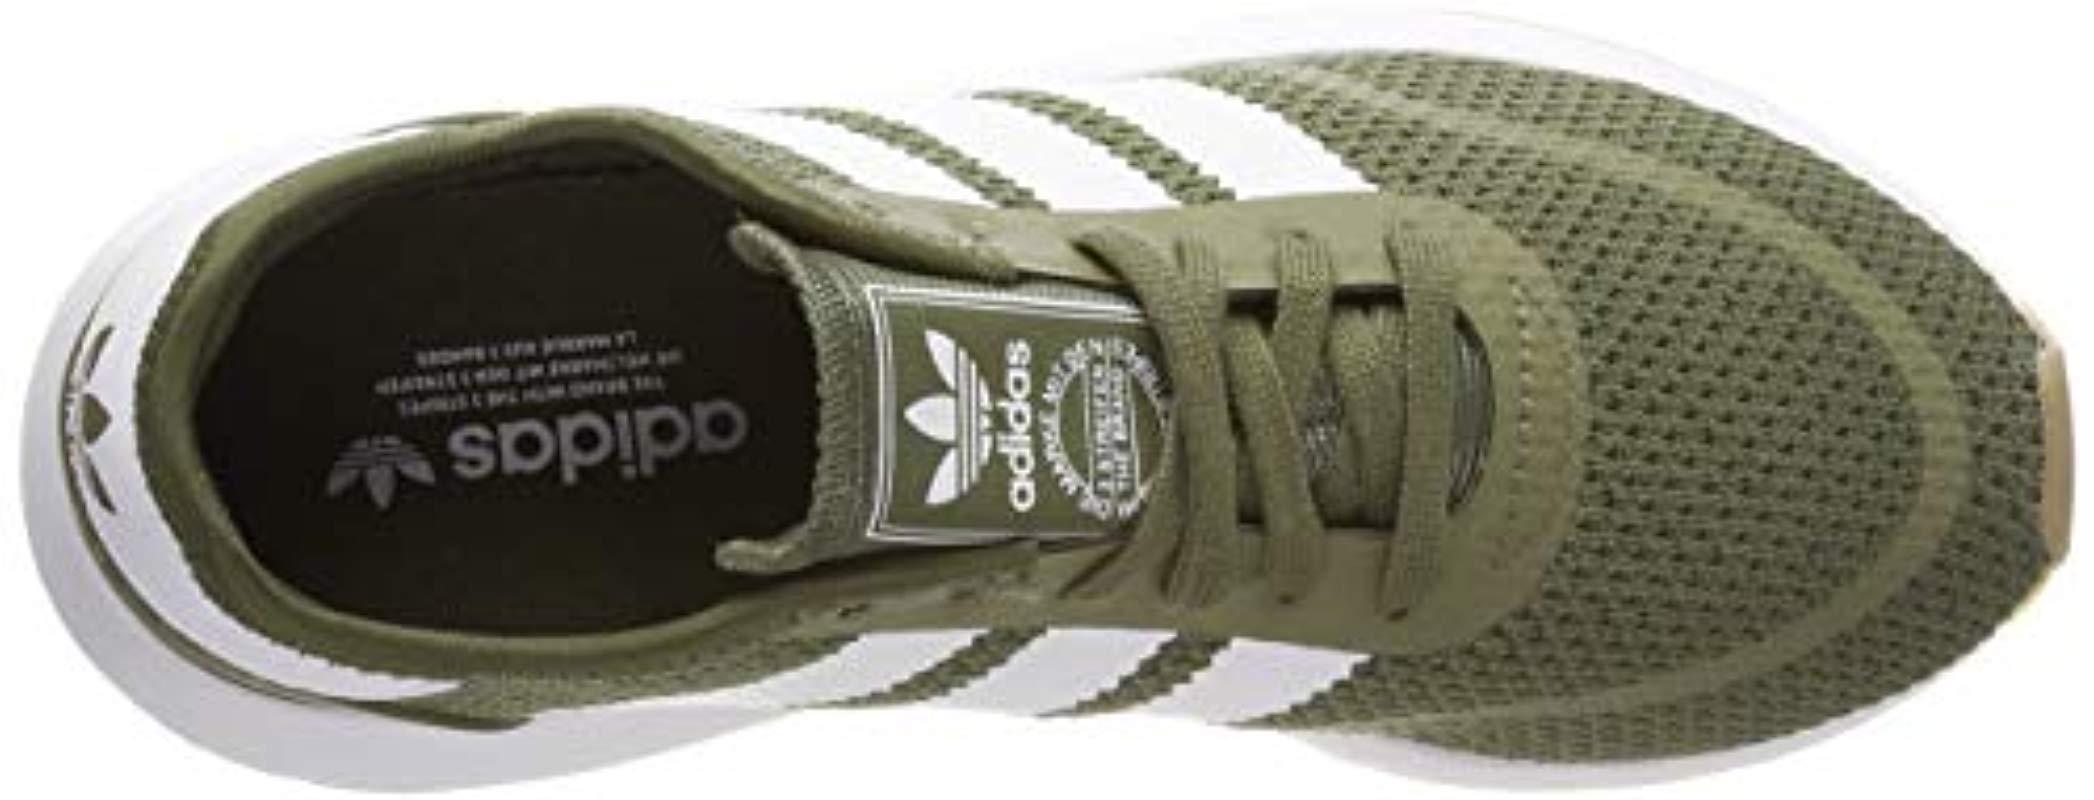 adidas N-5923 Gymnastikschuhe in Grün für Herren - Sparen Sie 25%